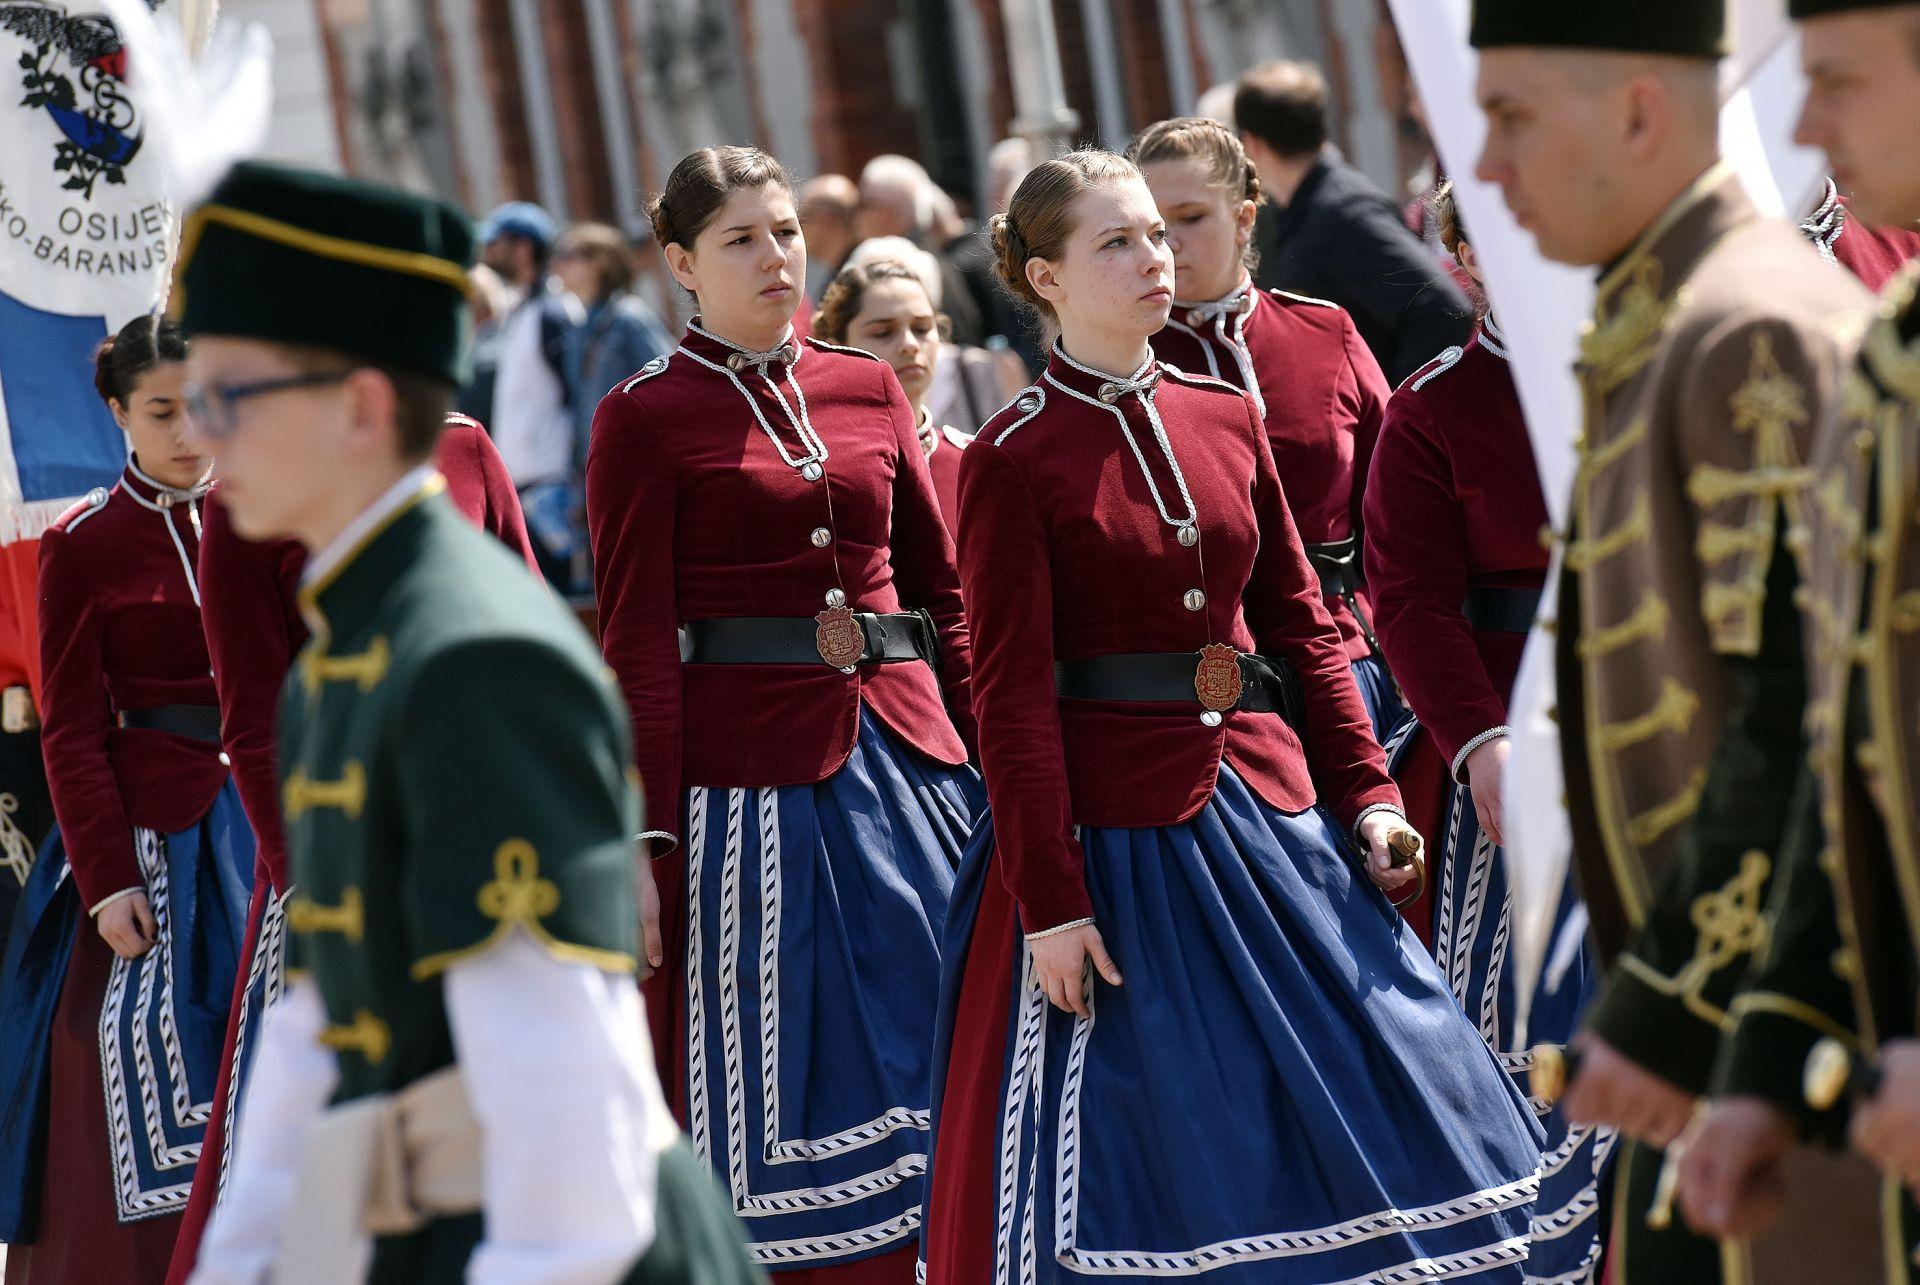 Obljetnica odcjepljenja Međimurja od Mađarske